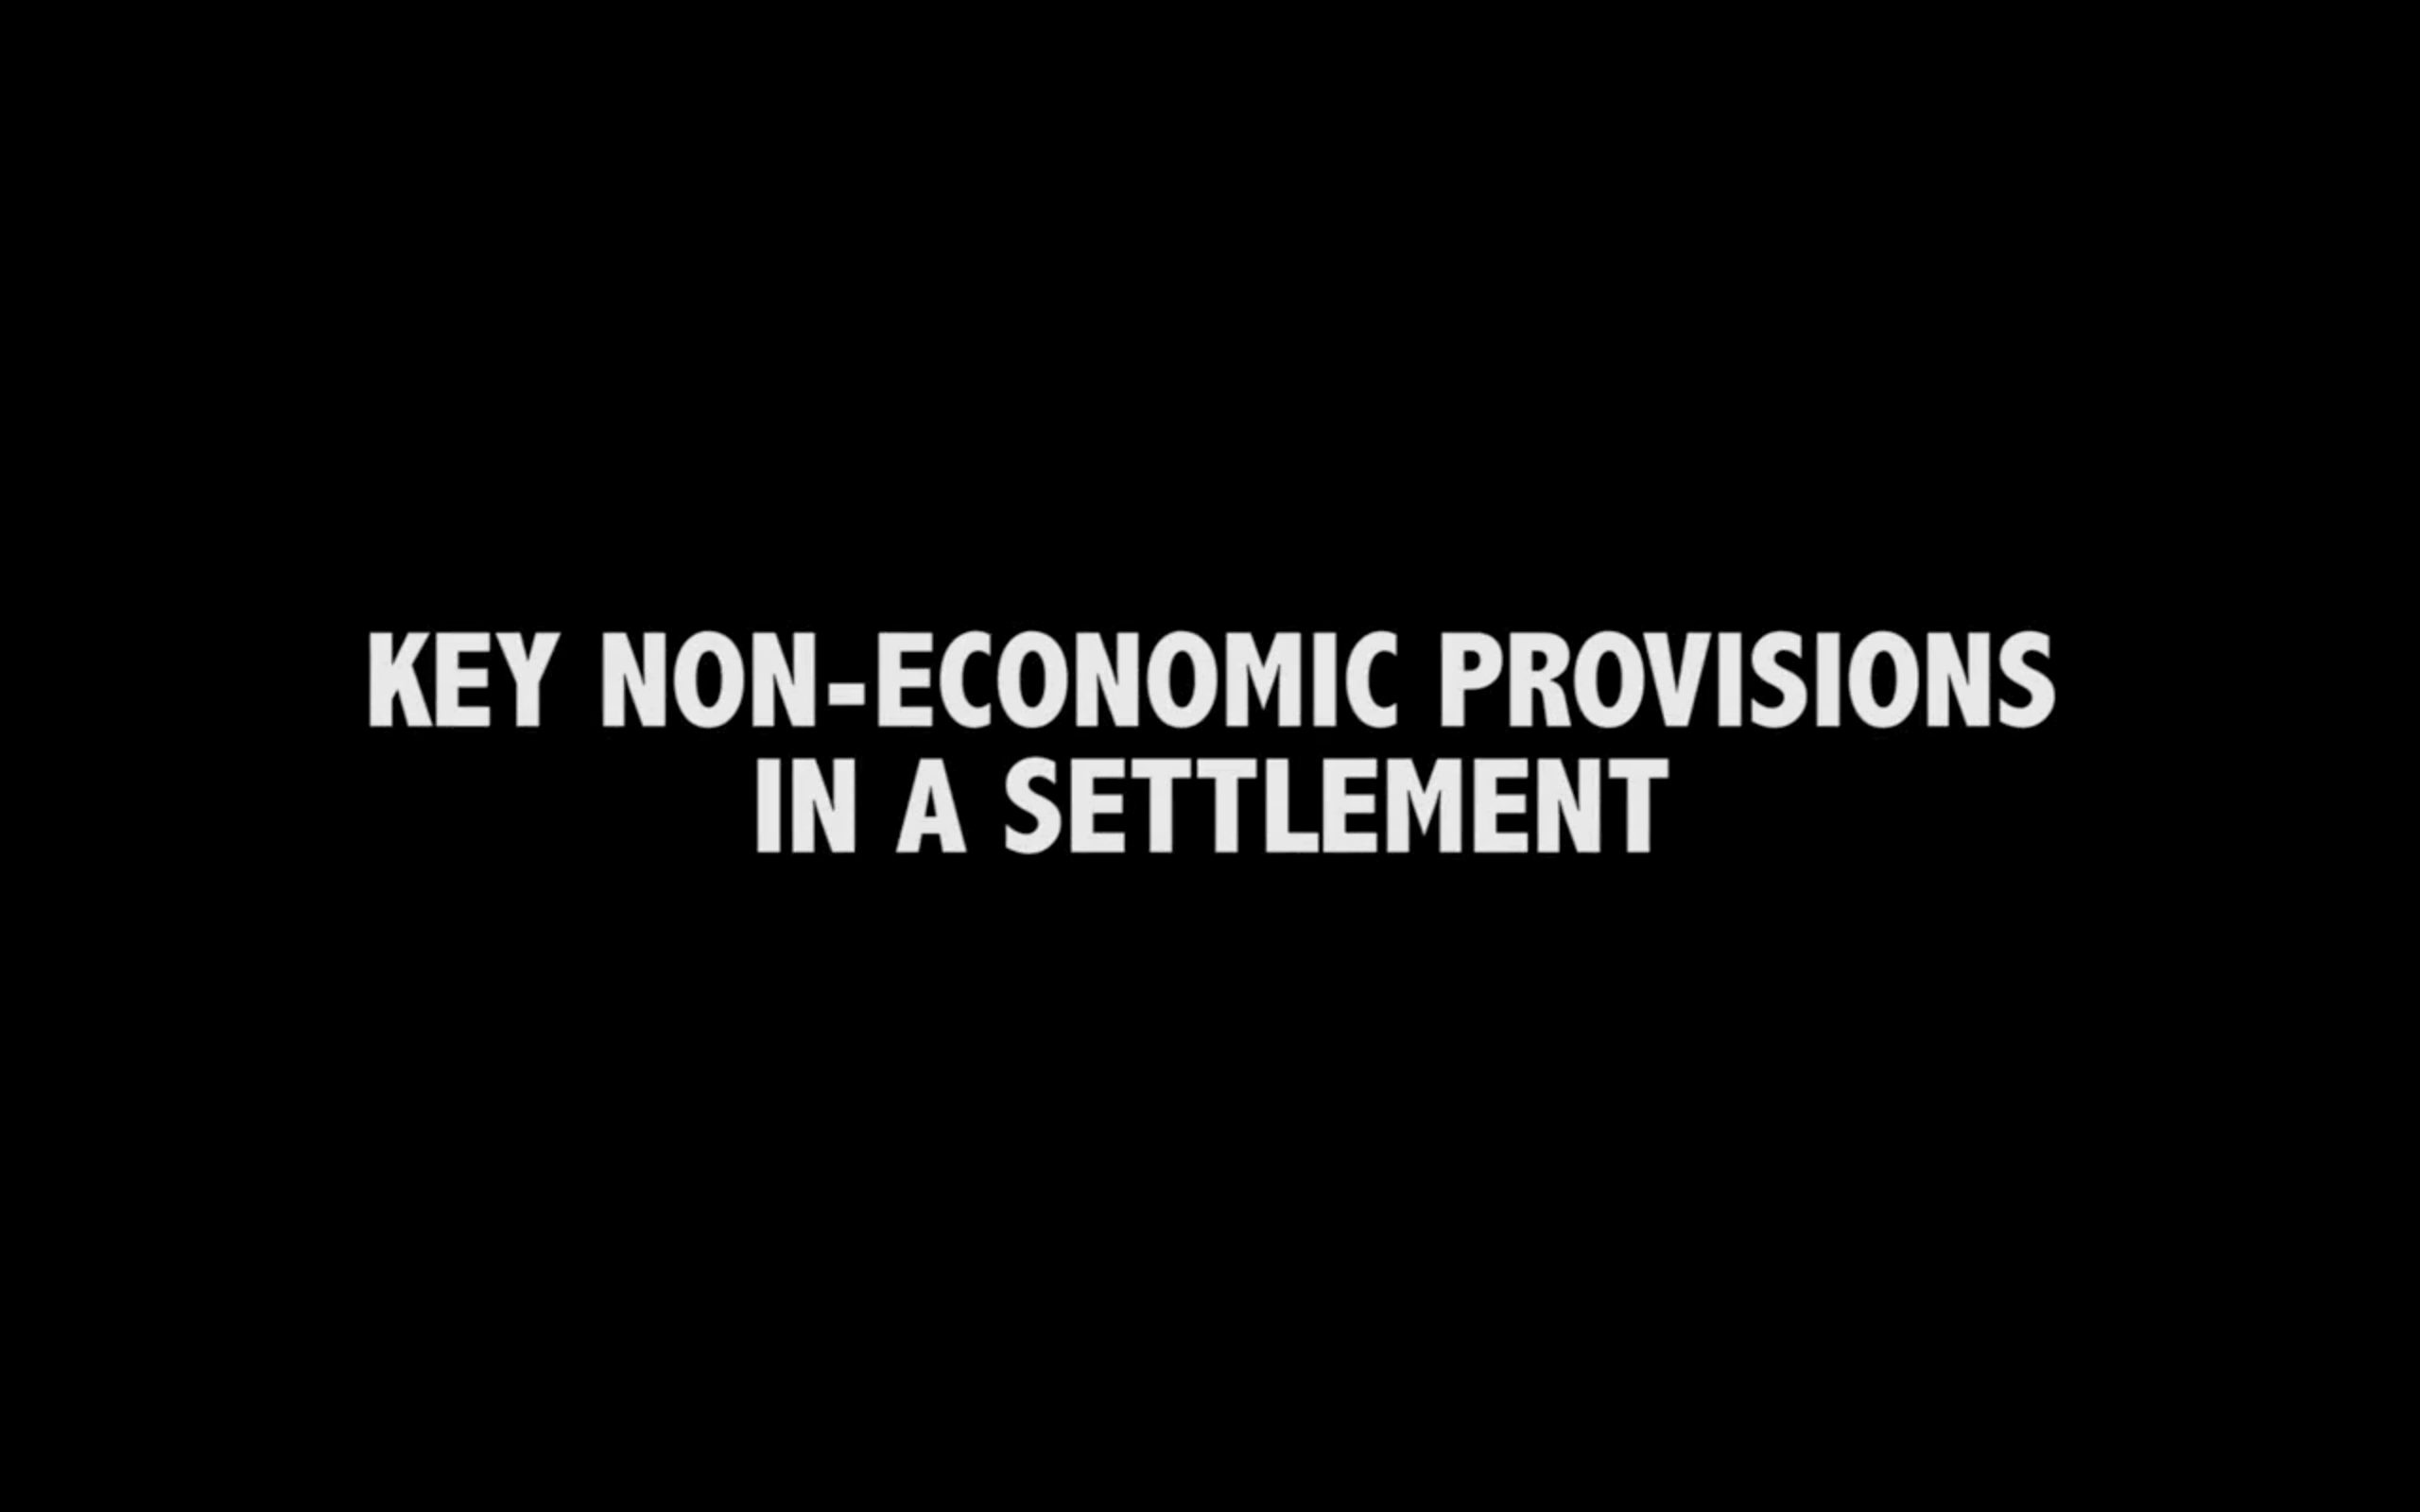 Non-economic Provisions